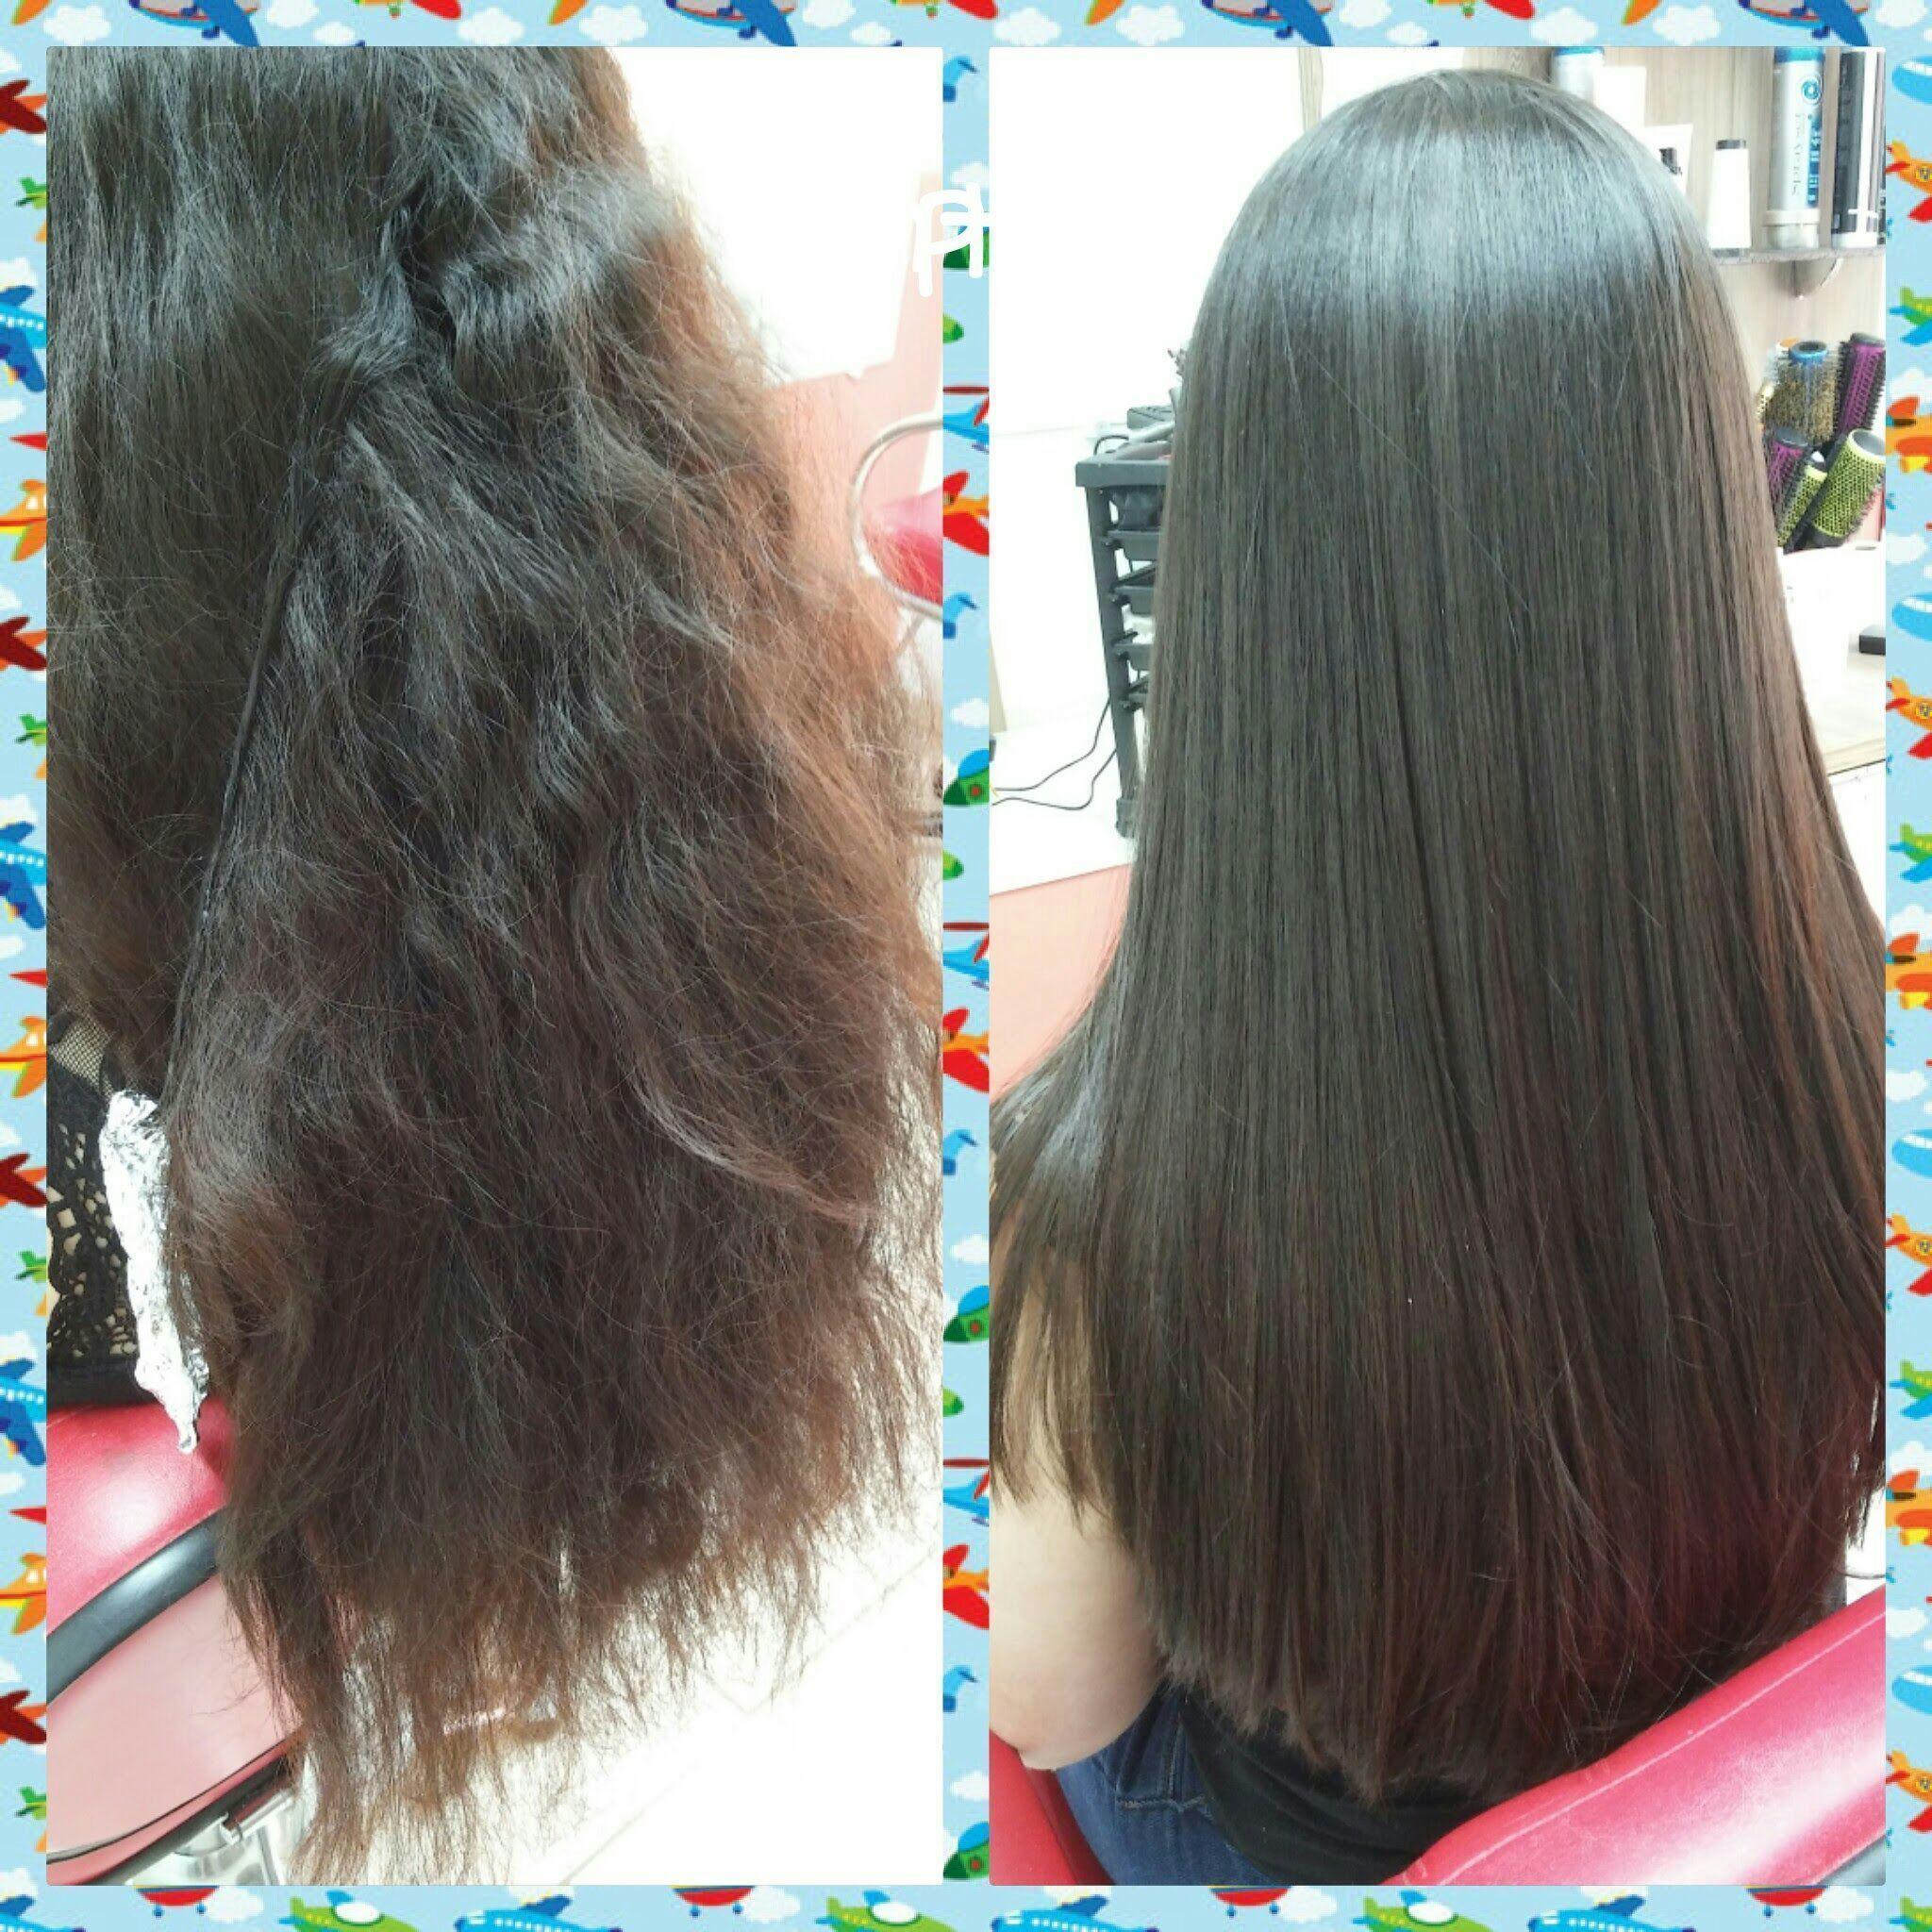 Antes e depois com definitiva cabelo cabeleireiro(a)